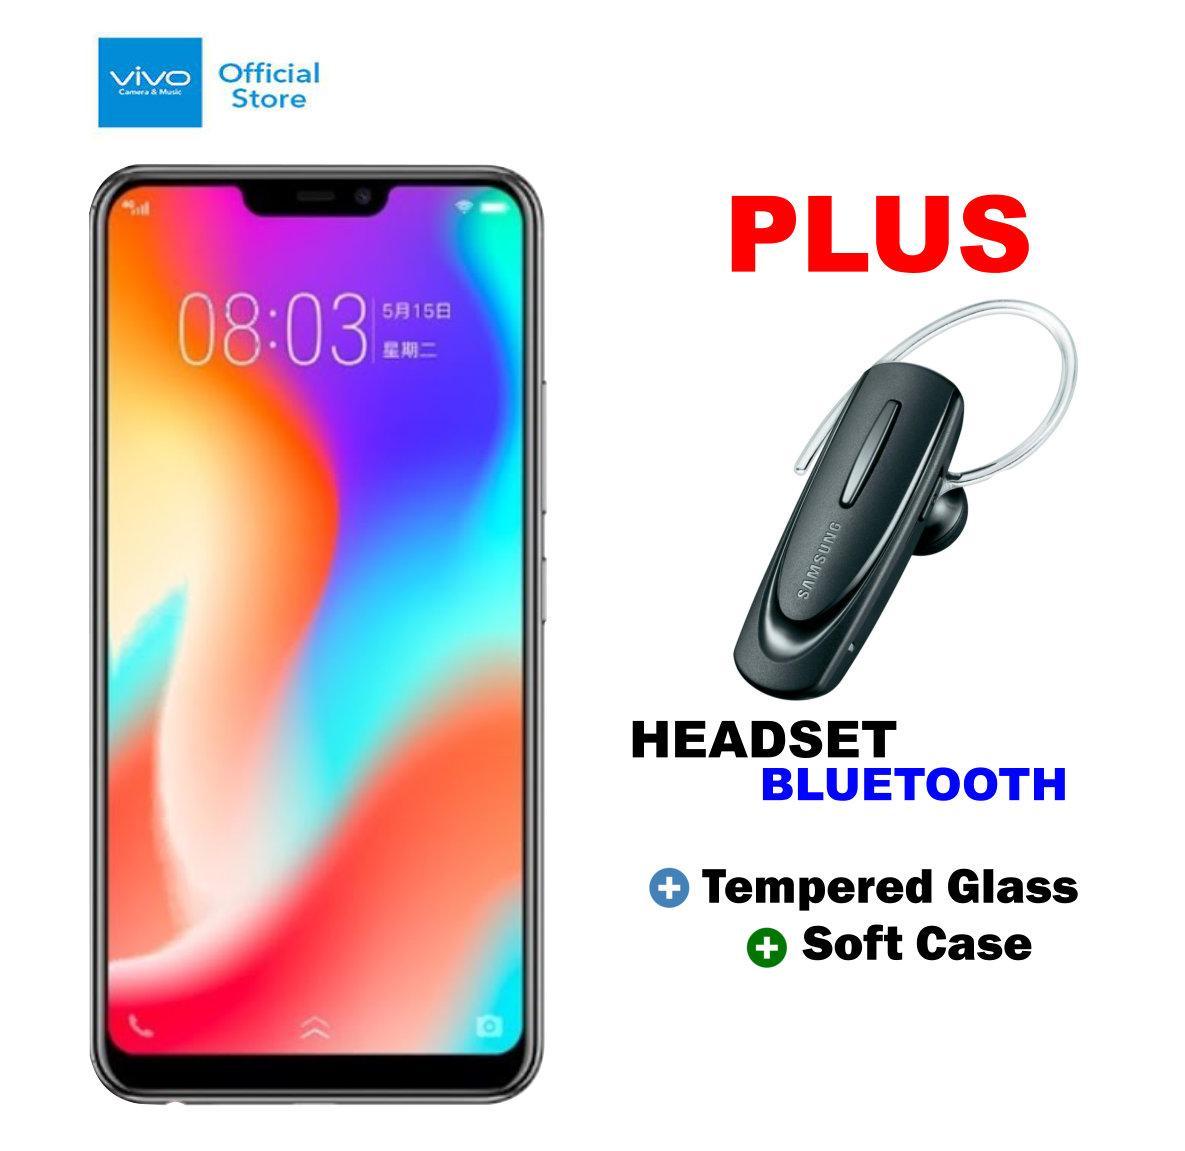 Vivo Y83 4/32GB - Black Plus Headset Bluetooth